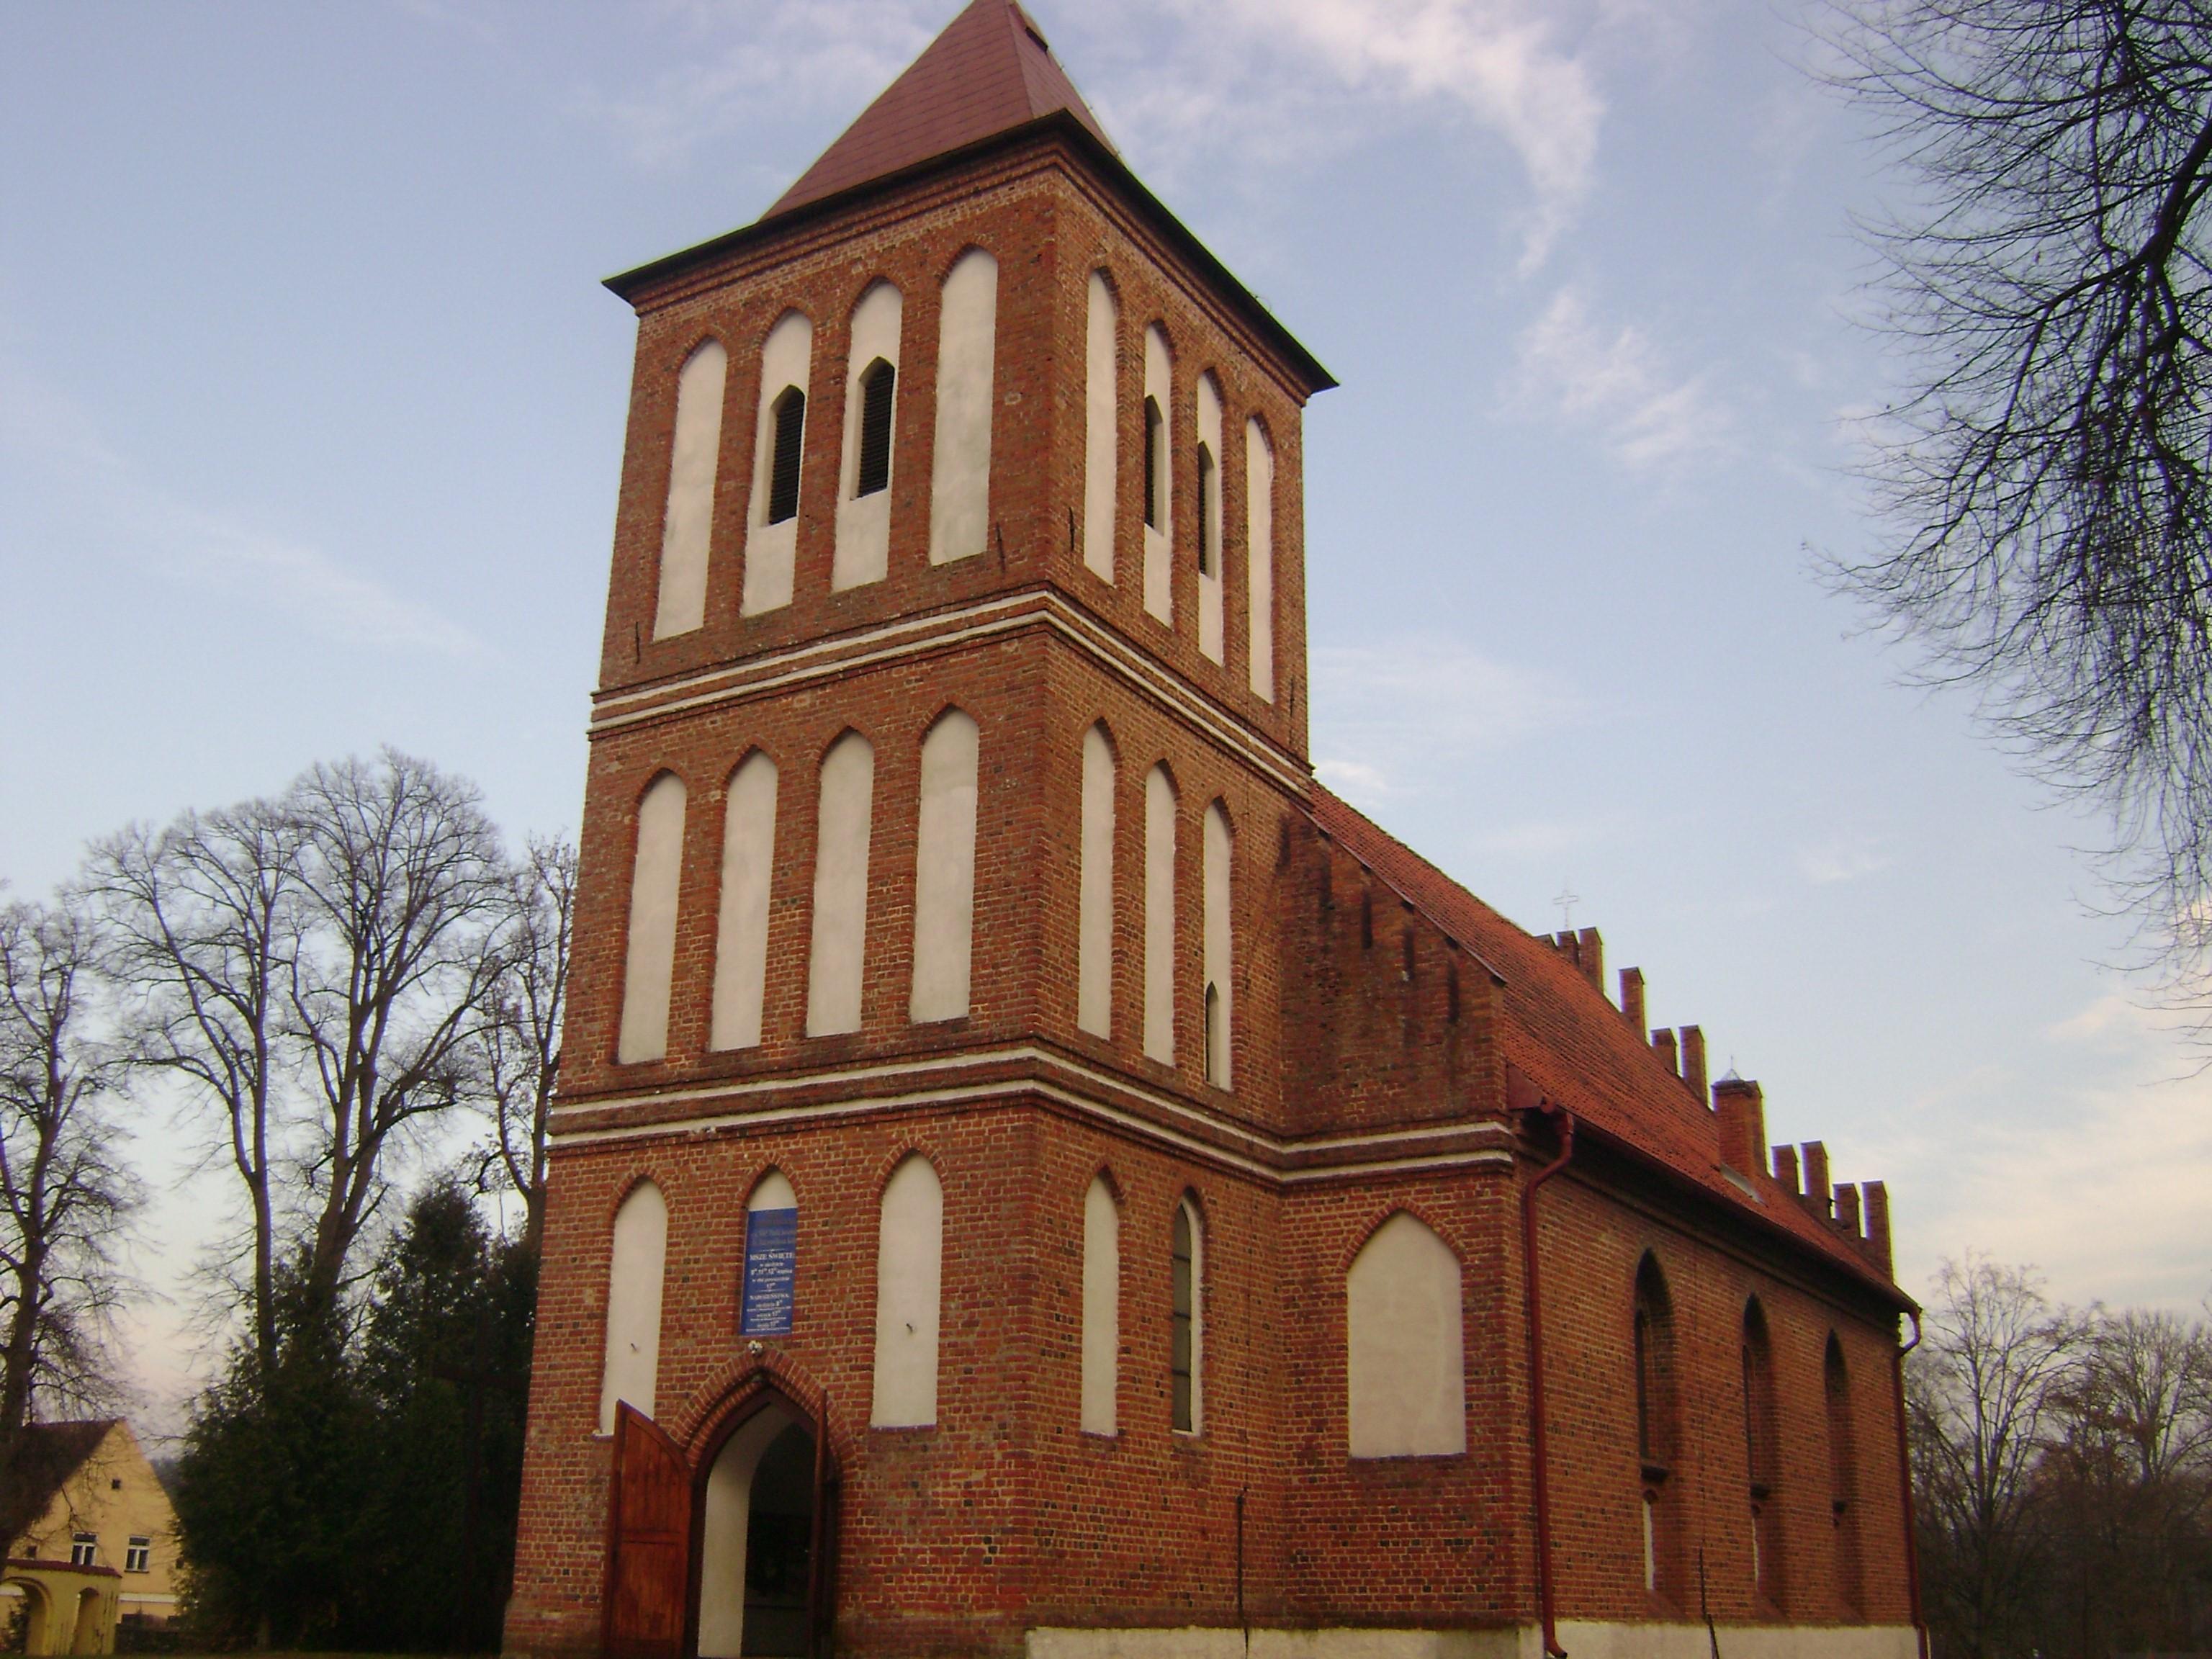 Kuty - Parafia pw. św. Maksymiliana Marii Kolbe